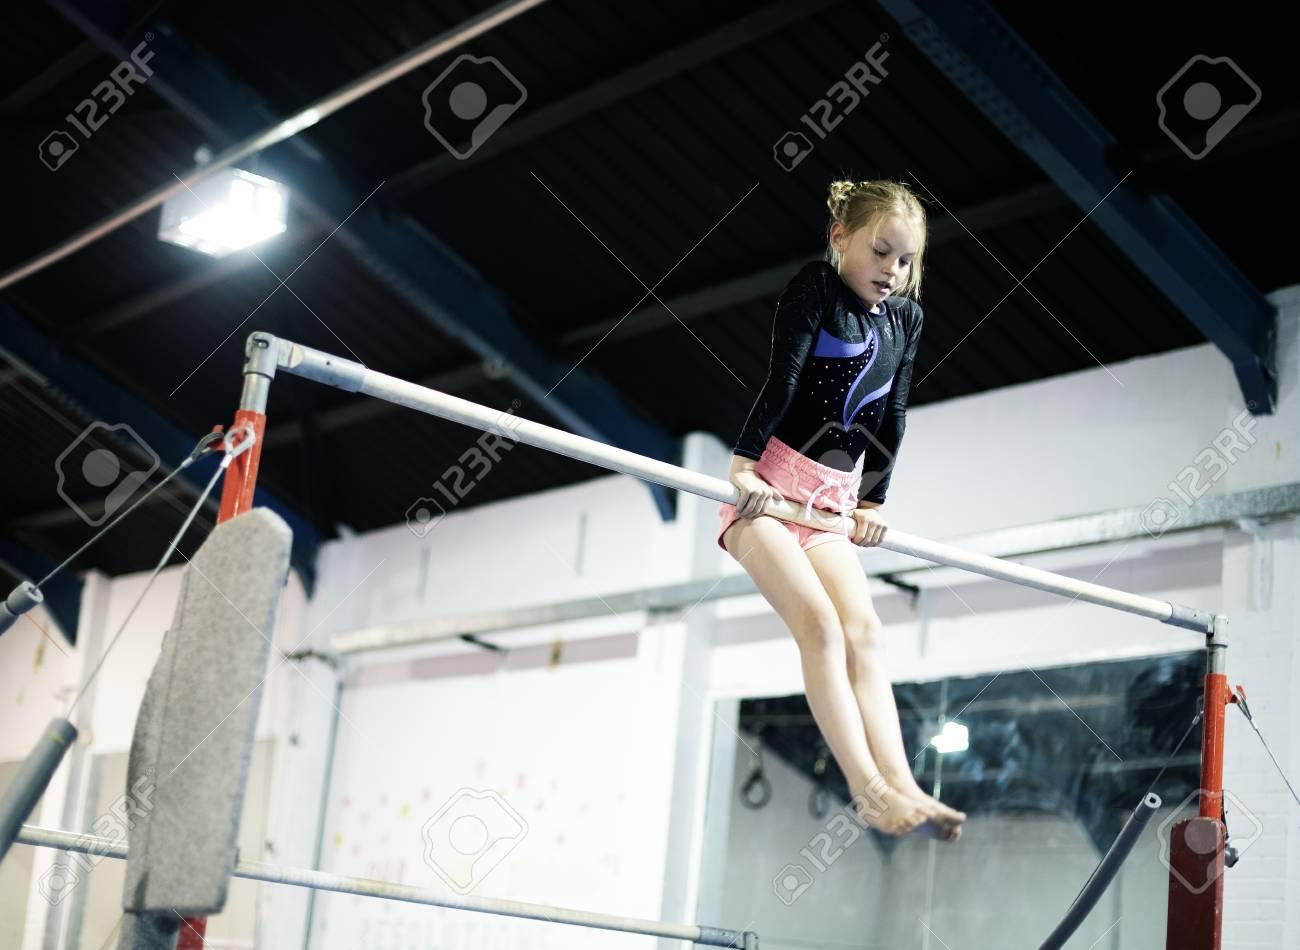 Young gymnast on a horizontal bar - 113301015